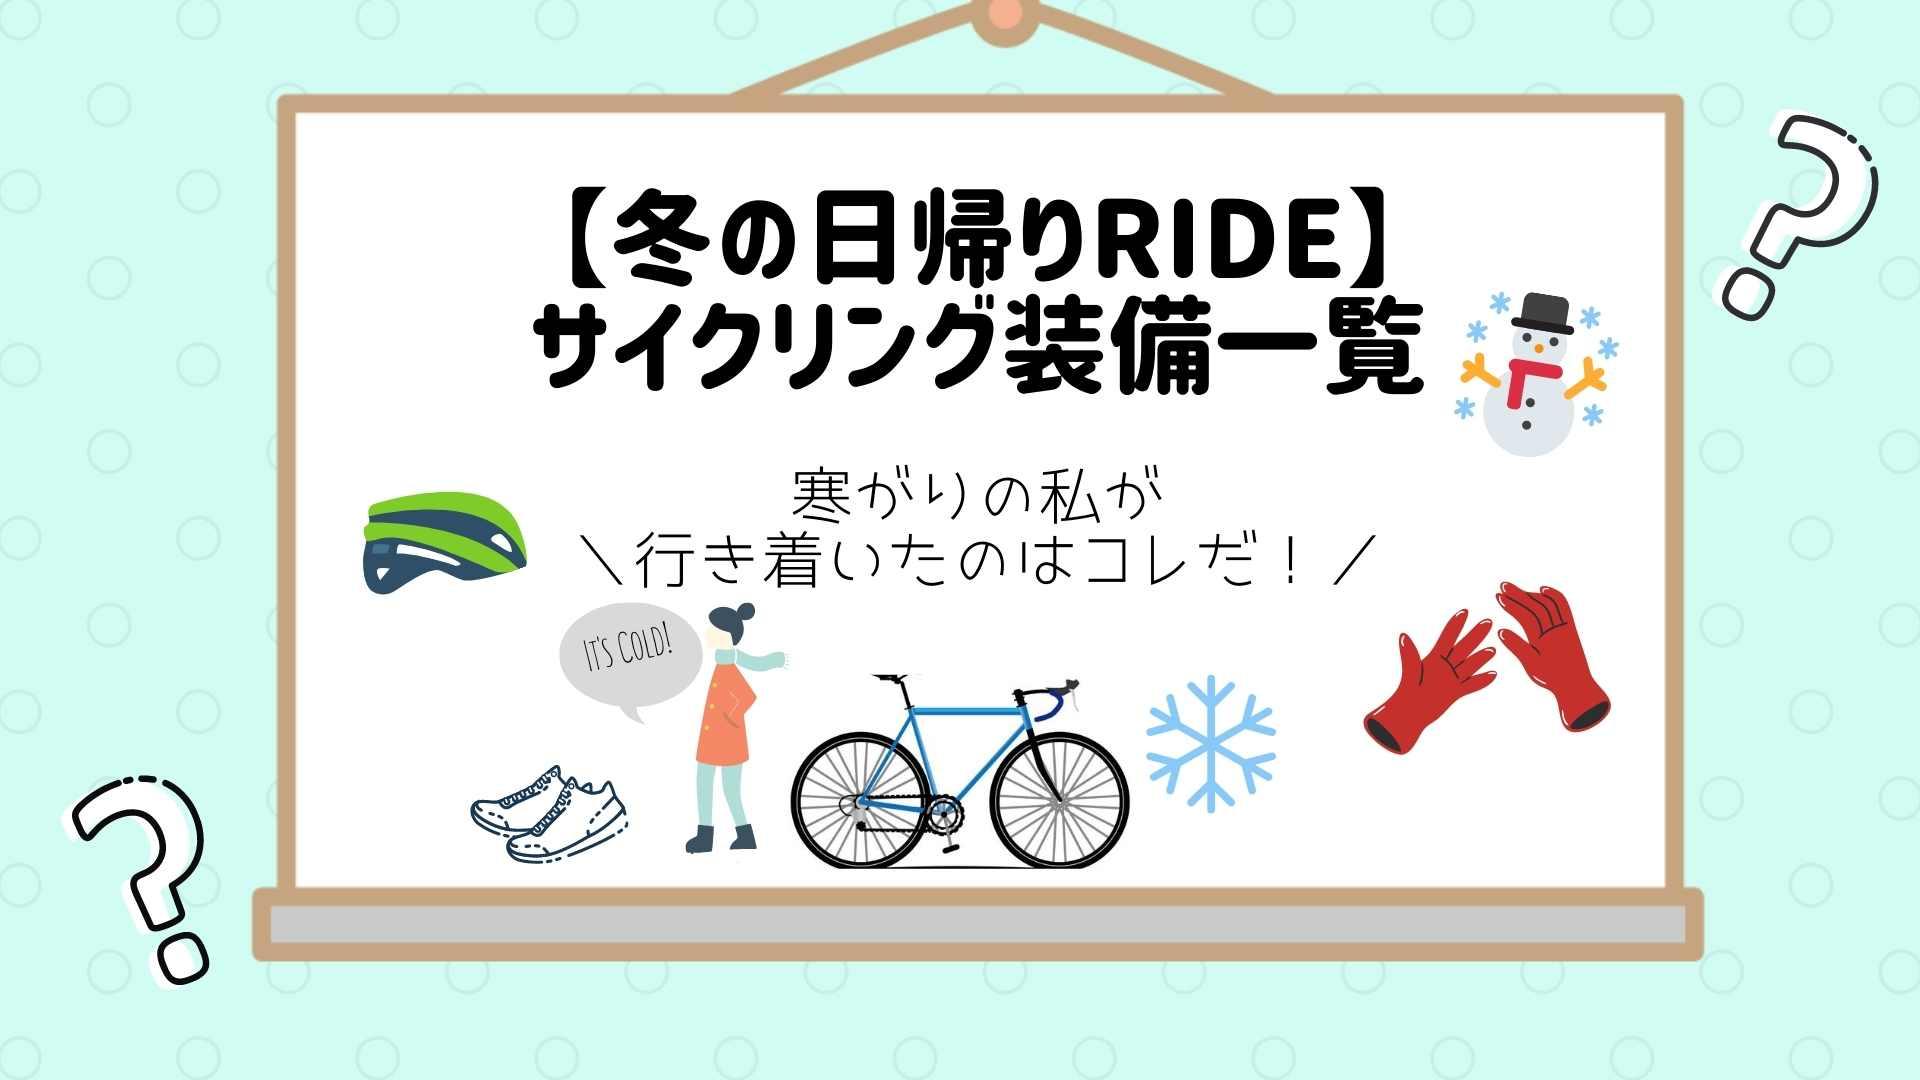 【冬の日帰りRIDE】サイクリング装備一覧〜寒がりの私が行き着いたのはコレだ!